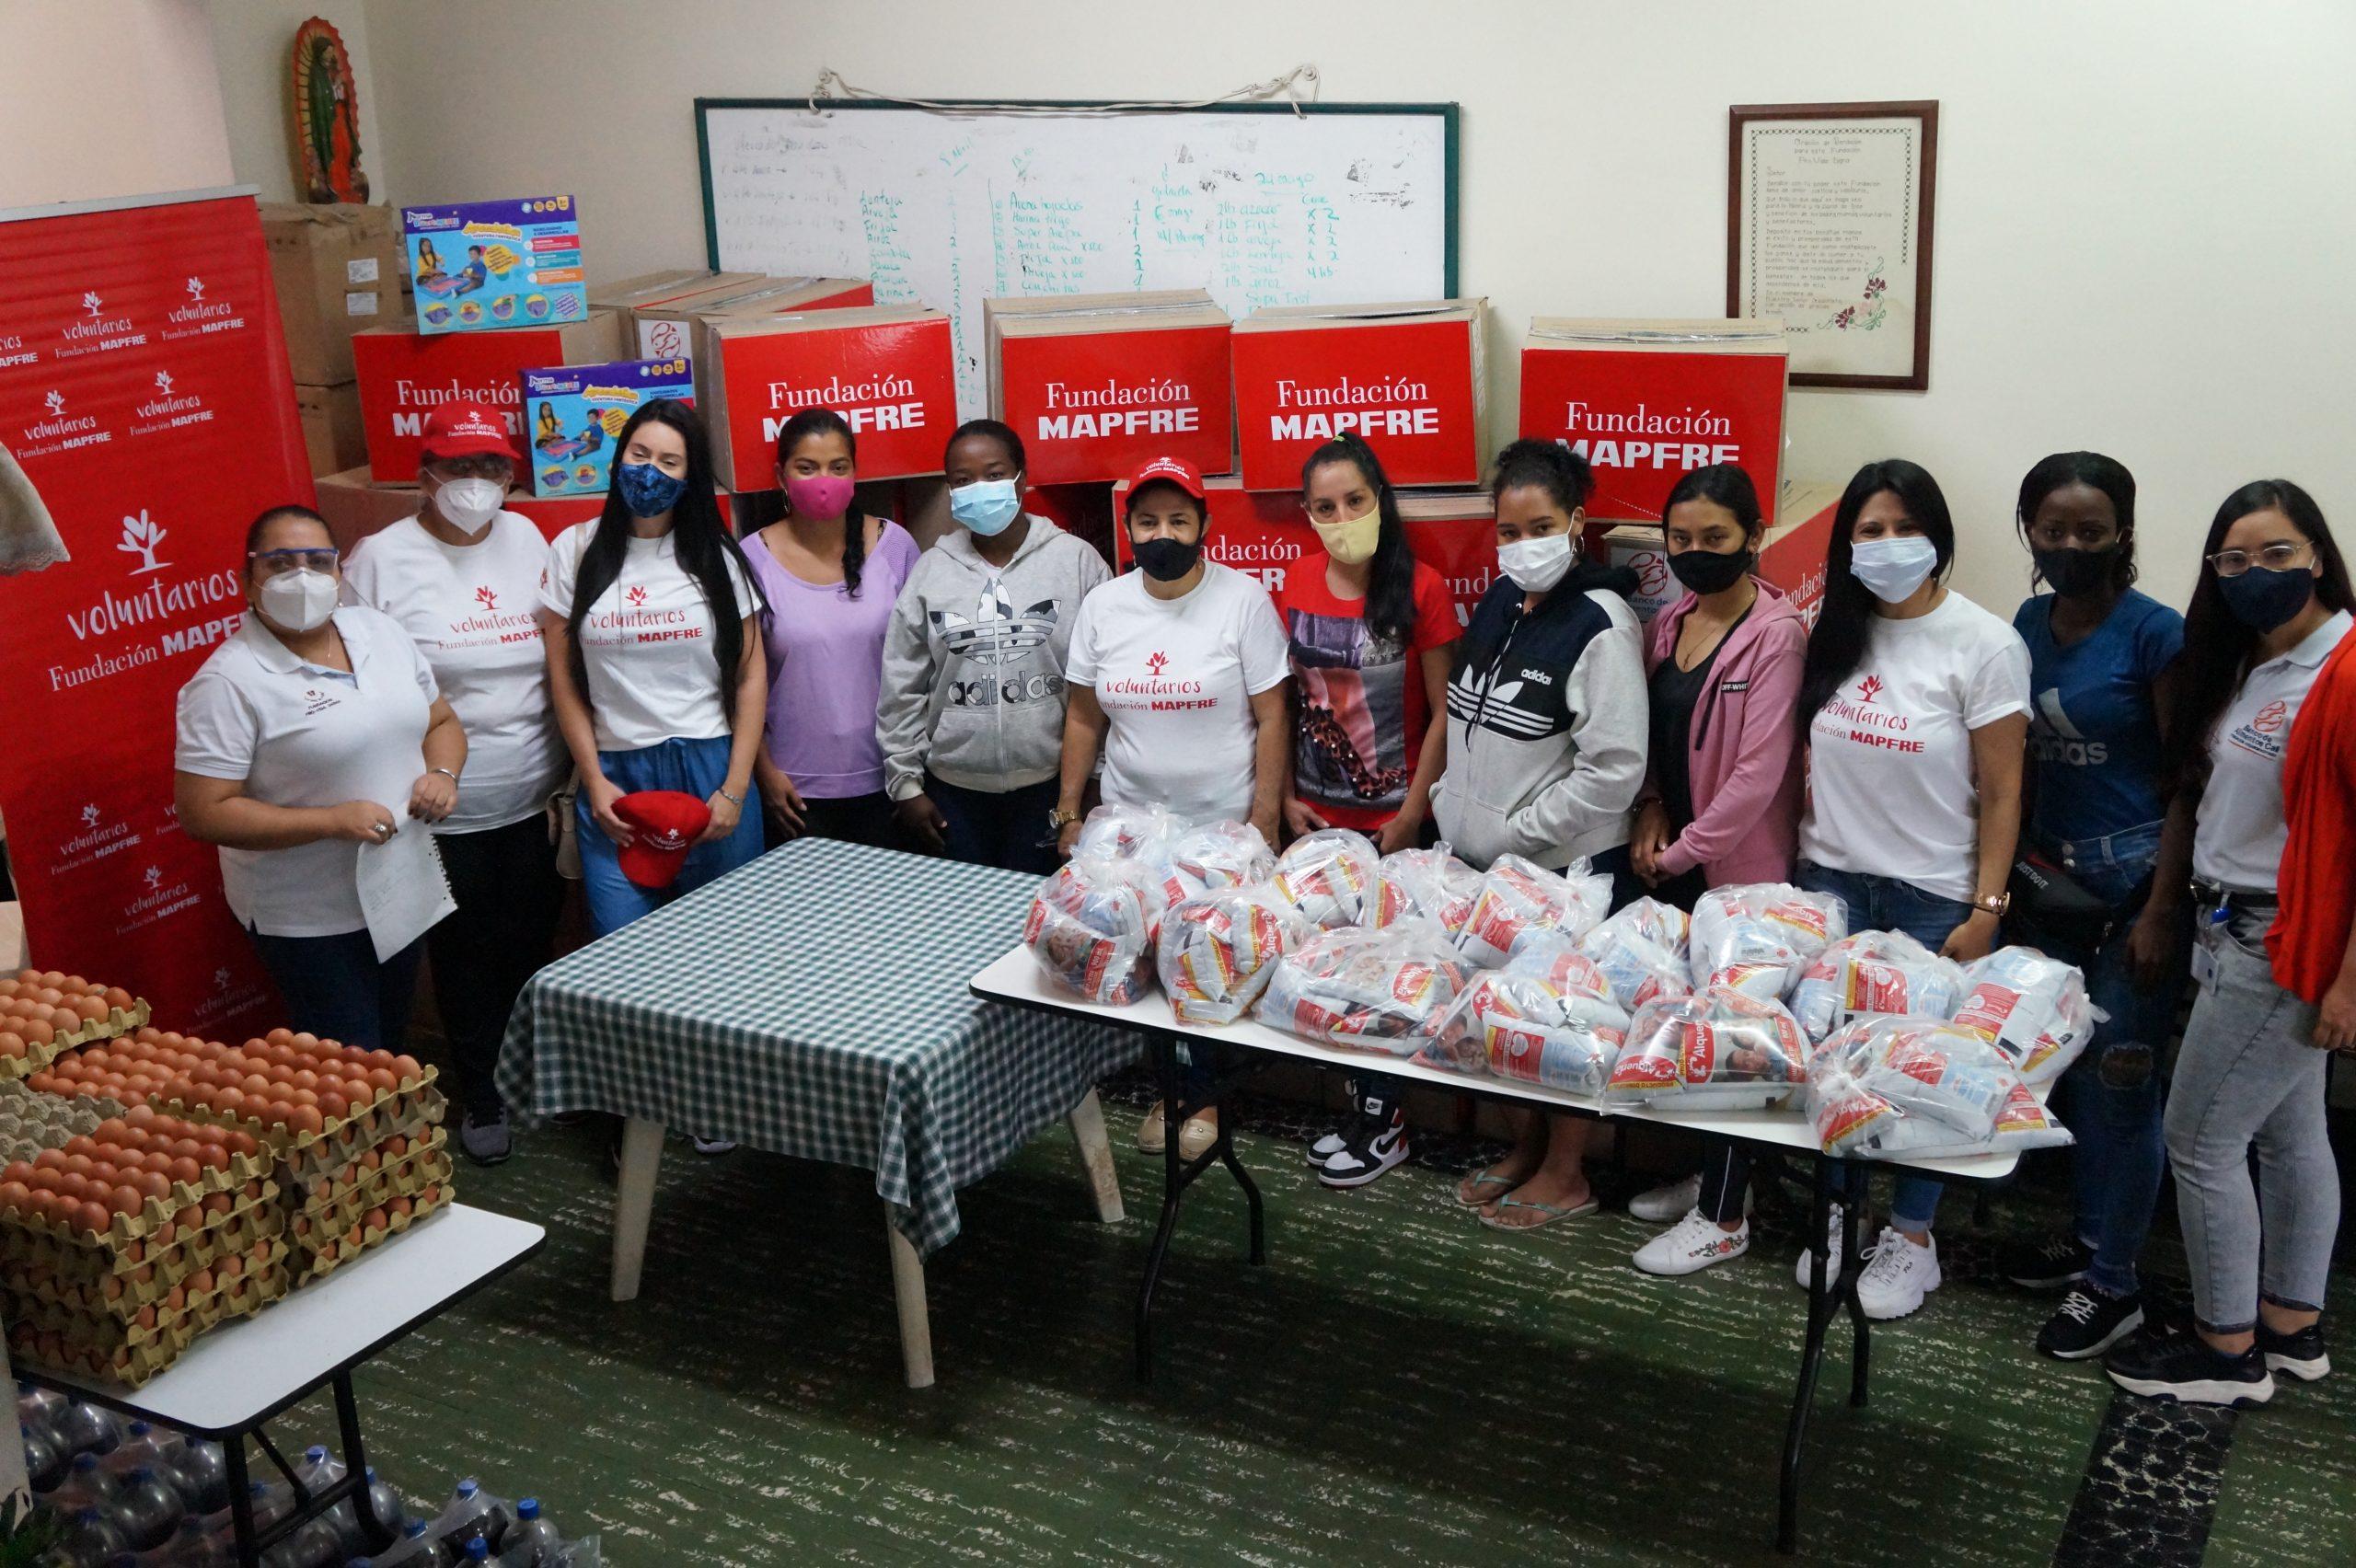 Entrega Donaciones Mapfre FUndación pro vida digna Mujeres lactantes (5)